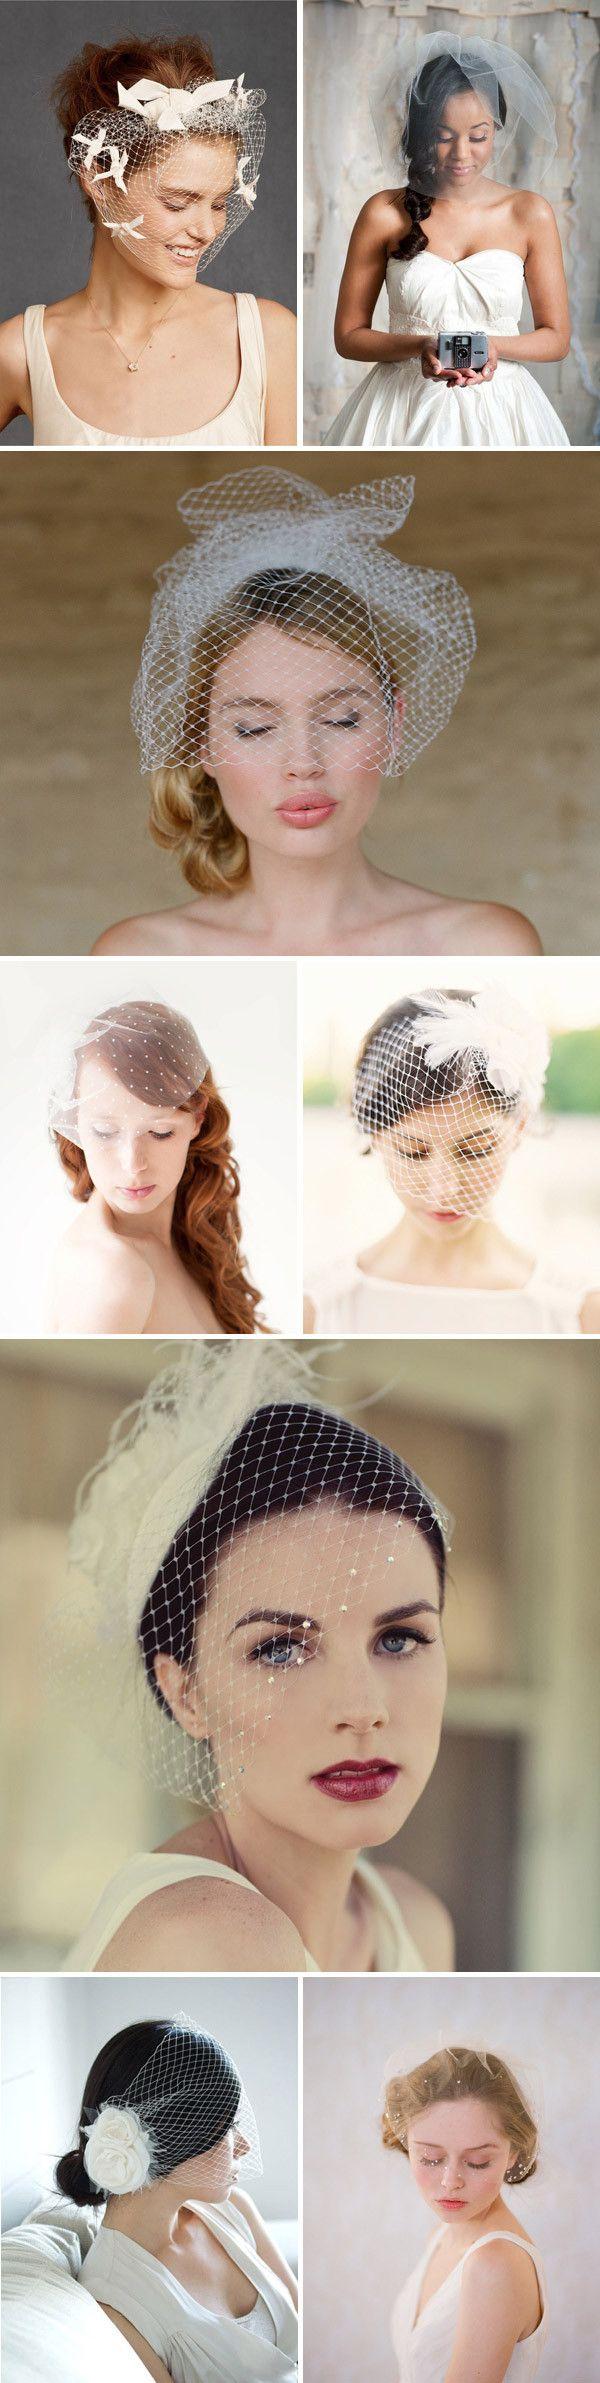 The Birdcage veil...hmmm